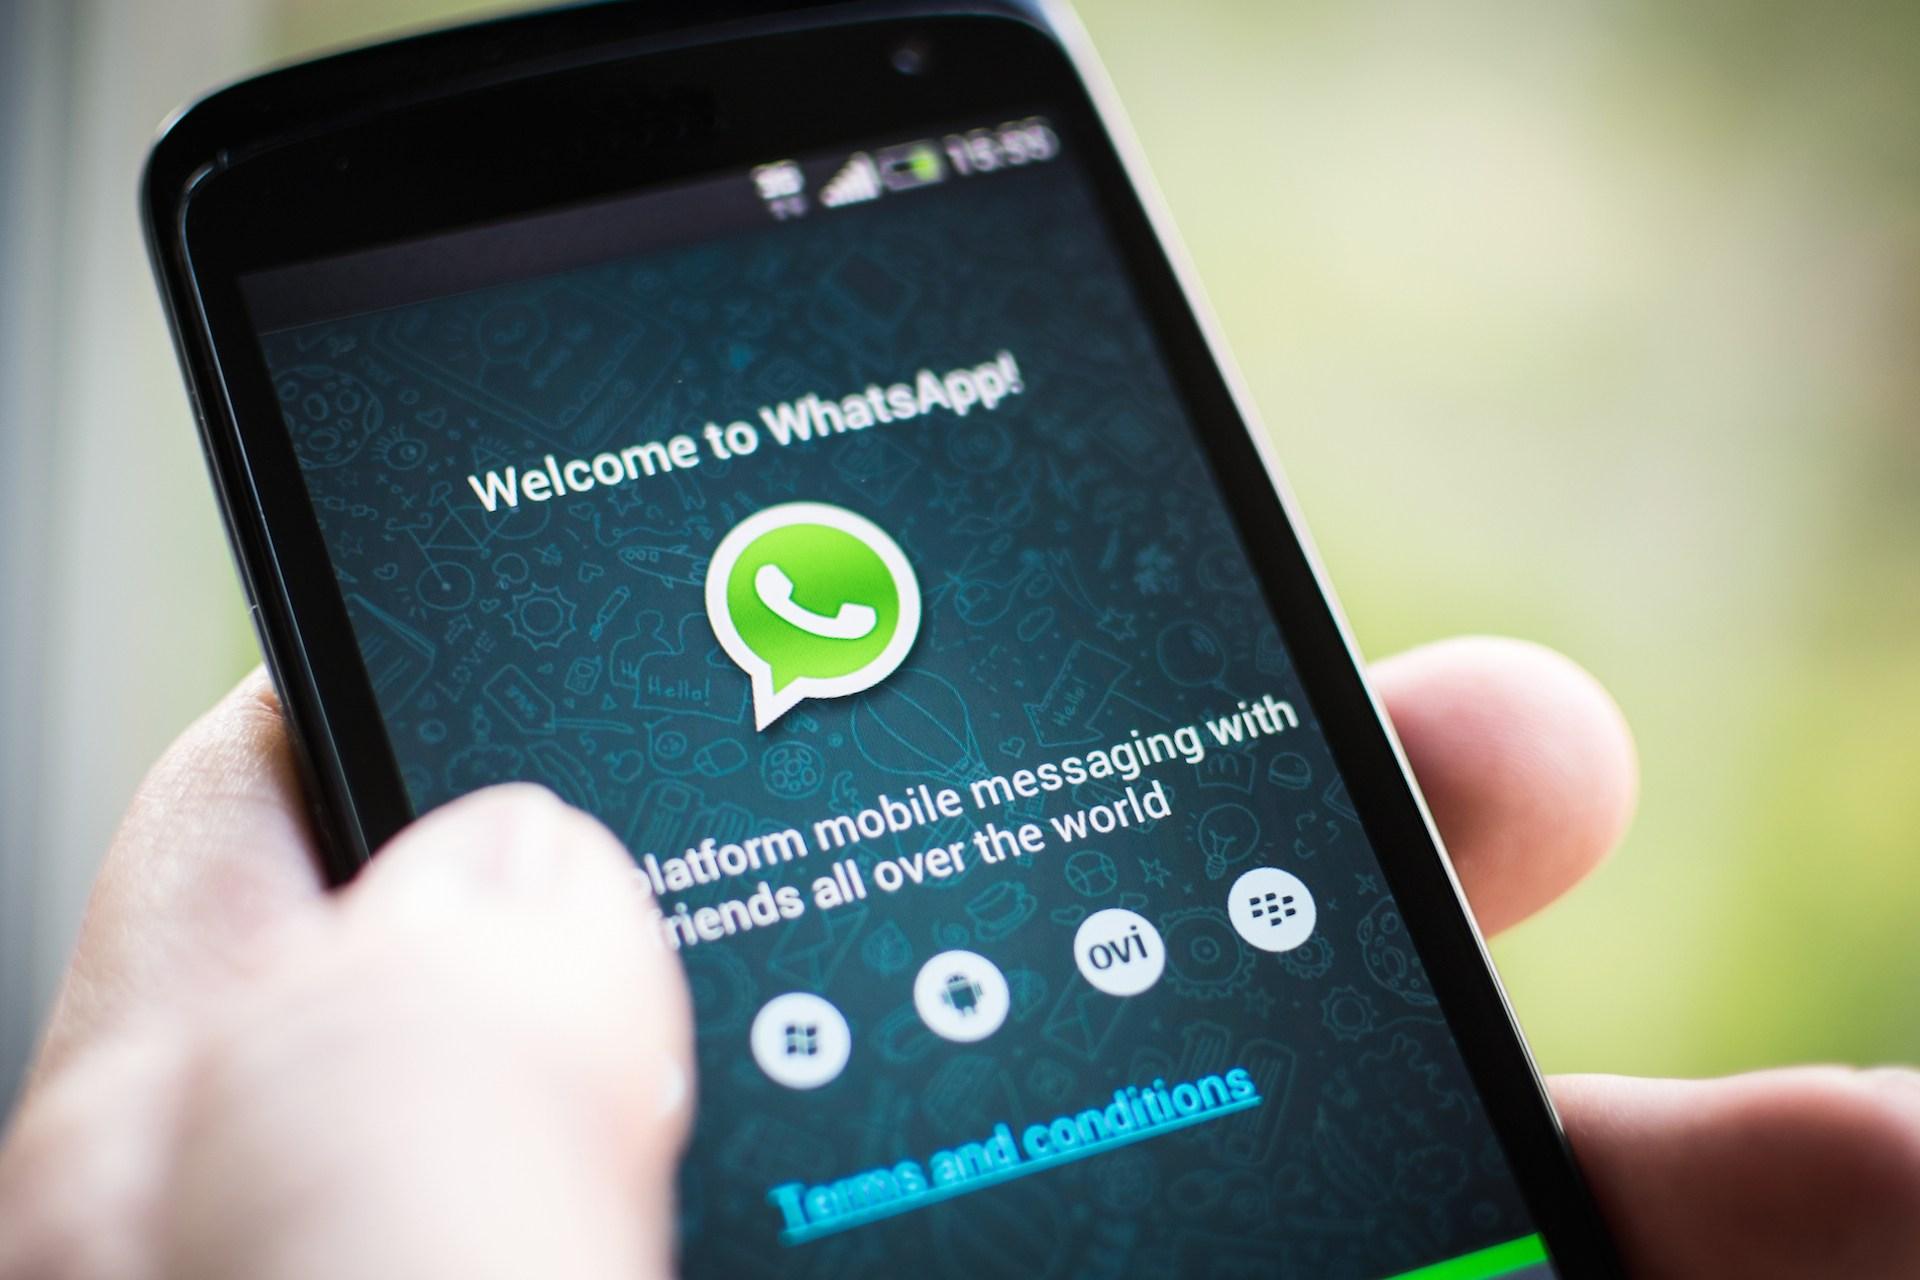 Neue Diensteanbieter wie WhatsApp fressen der Telekom-Branche die Gewinne auf. CC BY-NC 2.0, via flickr/Jeso Carneiro